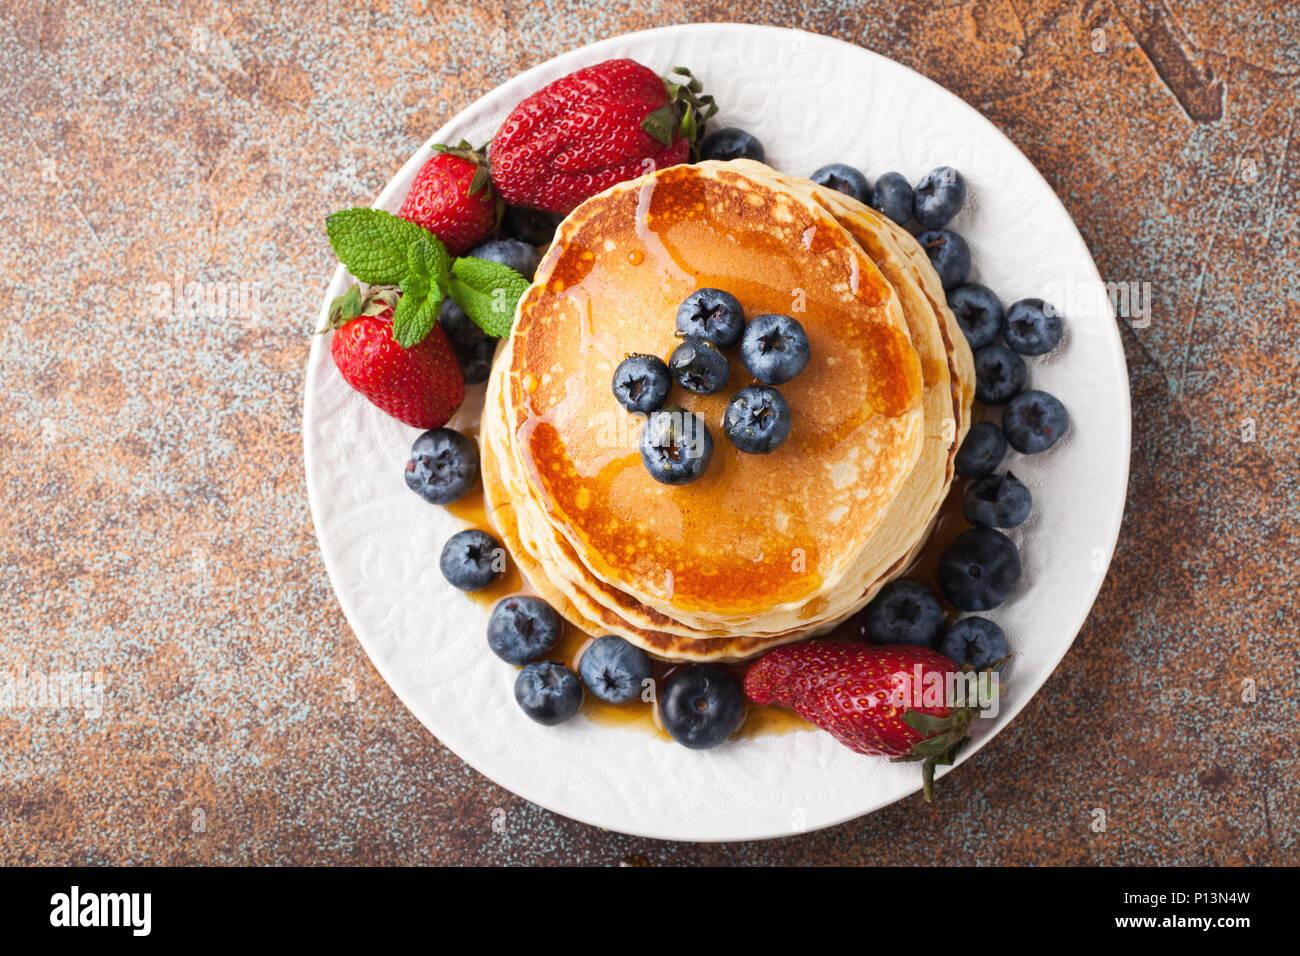 Close-up leckere Pfannkuchen mit frischen Heidelbeeren, Erdbeeren und Ahornsirup auf einem rostigen Hintergrund. Mit kopieren. Ansicht von oben. Stockbild